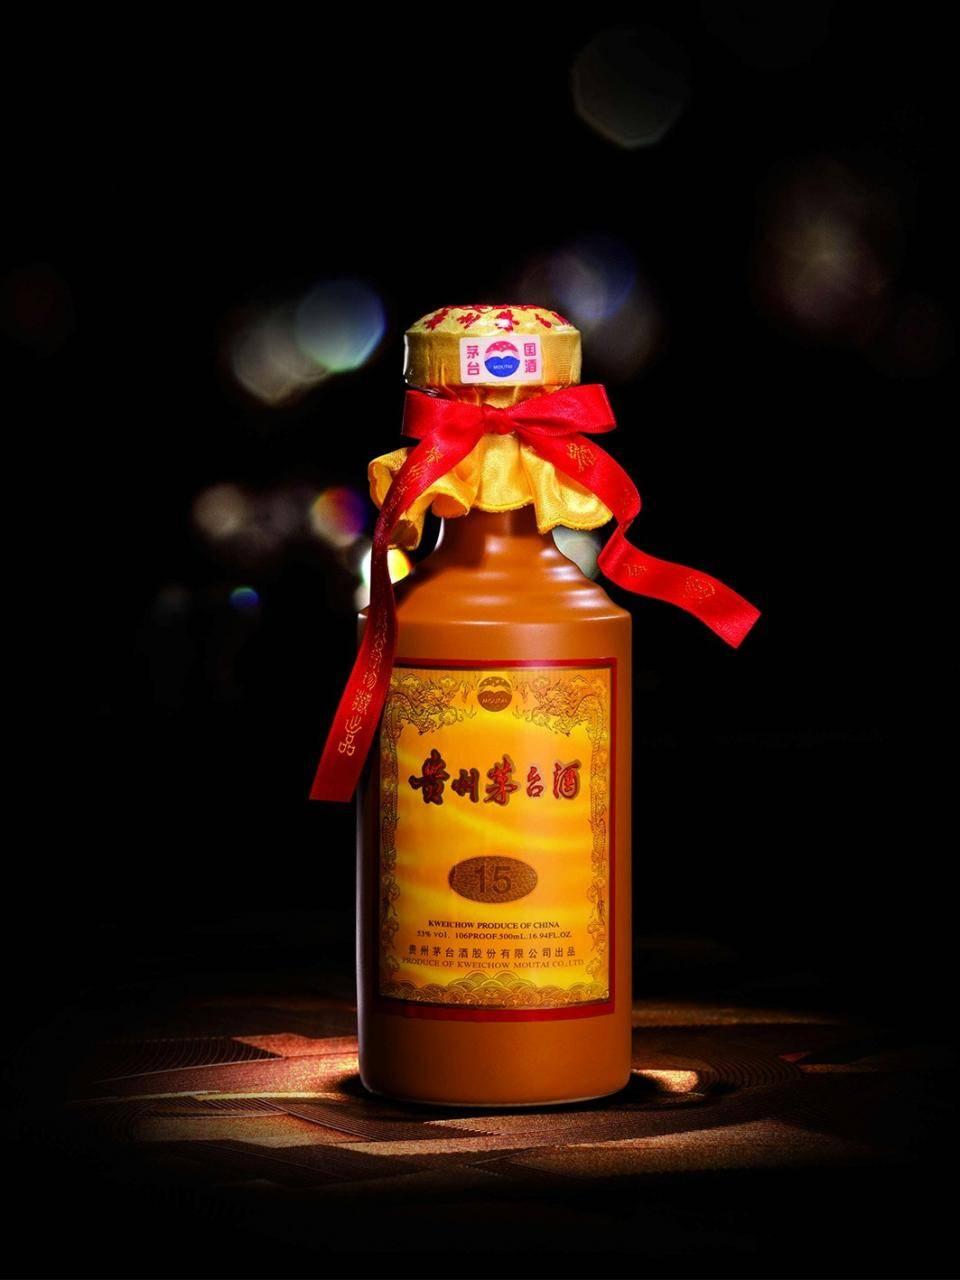 中国白酒十大名酒-中国十大名酒品牌有哪些-大麦丫-精酿啤酒连锁超市,工厂店平价酒吧免费加盟